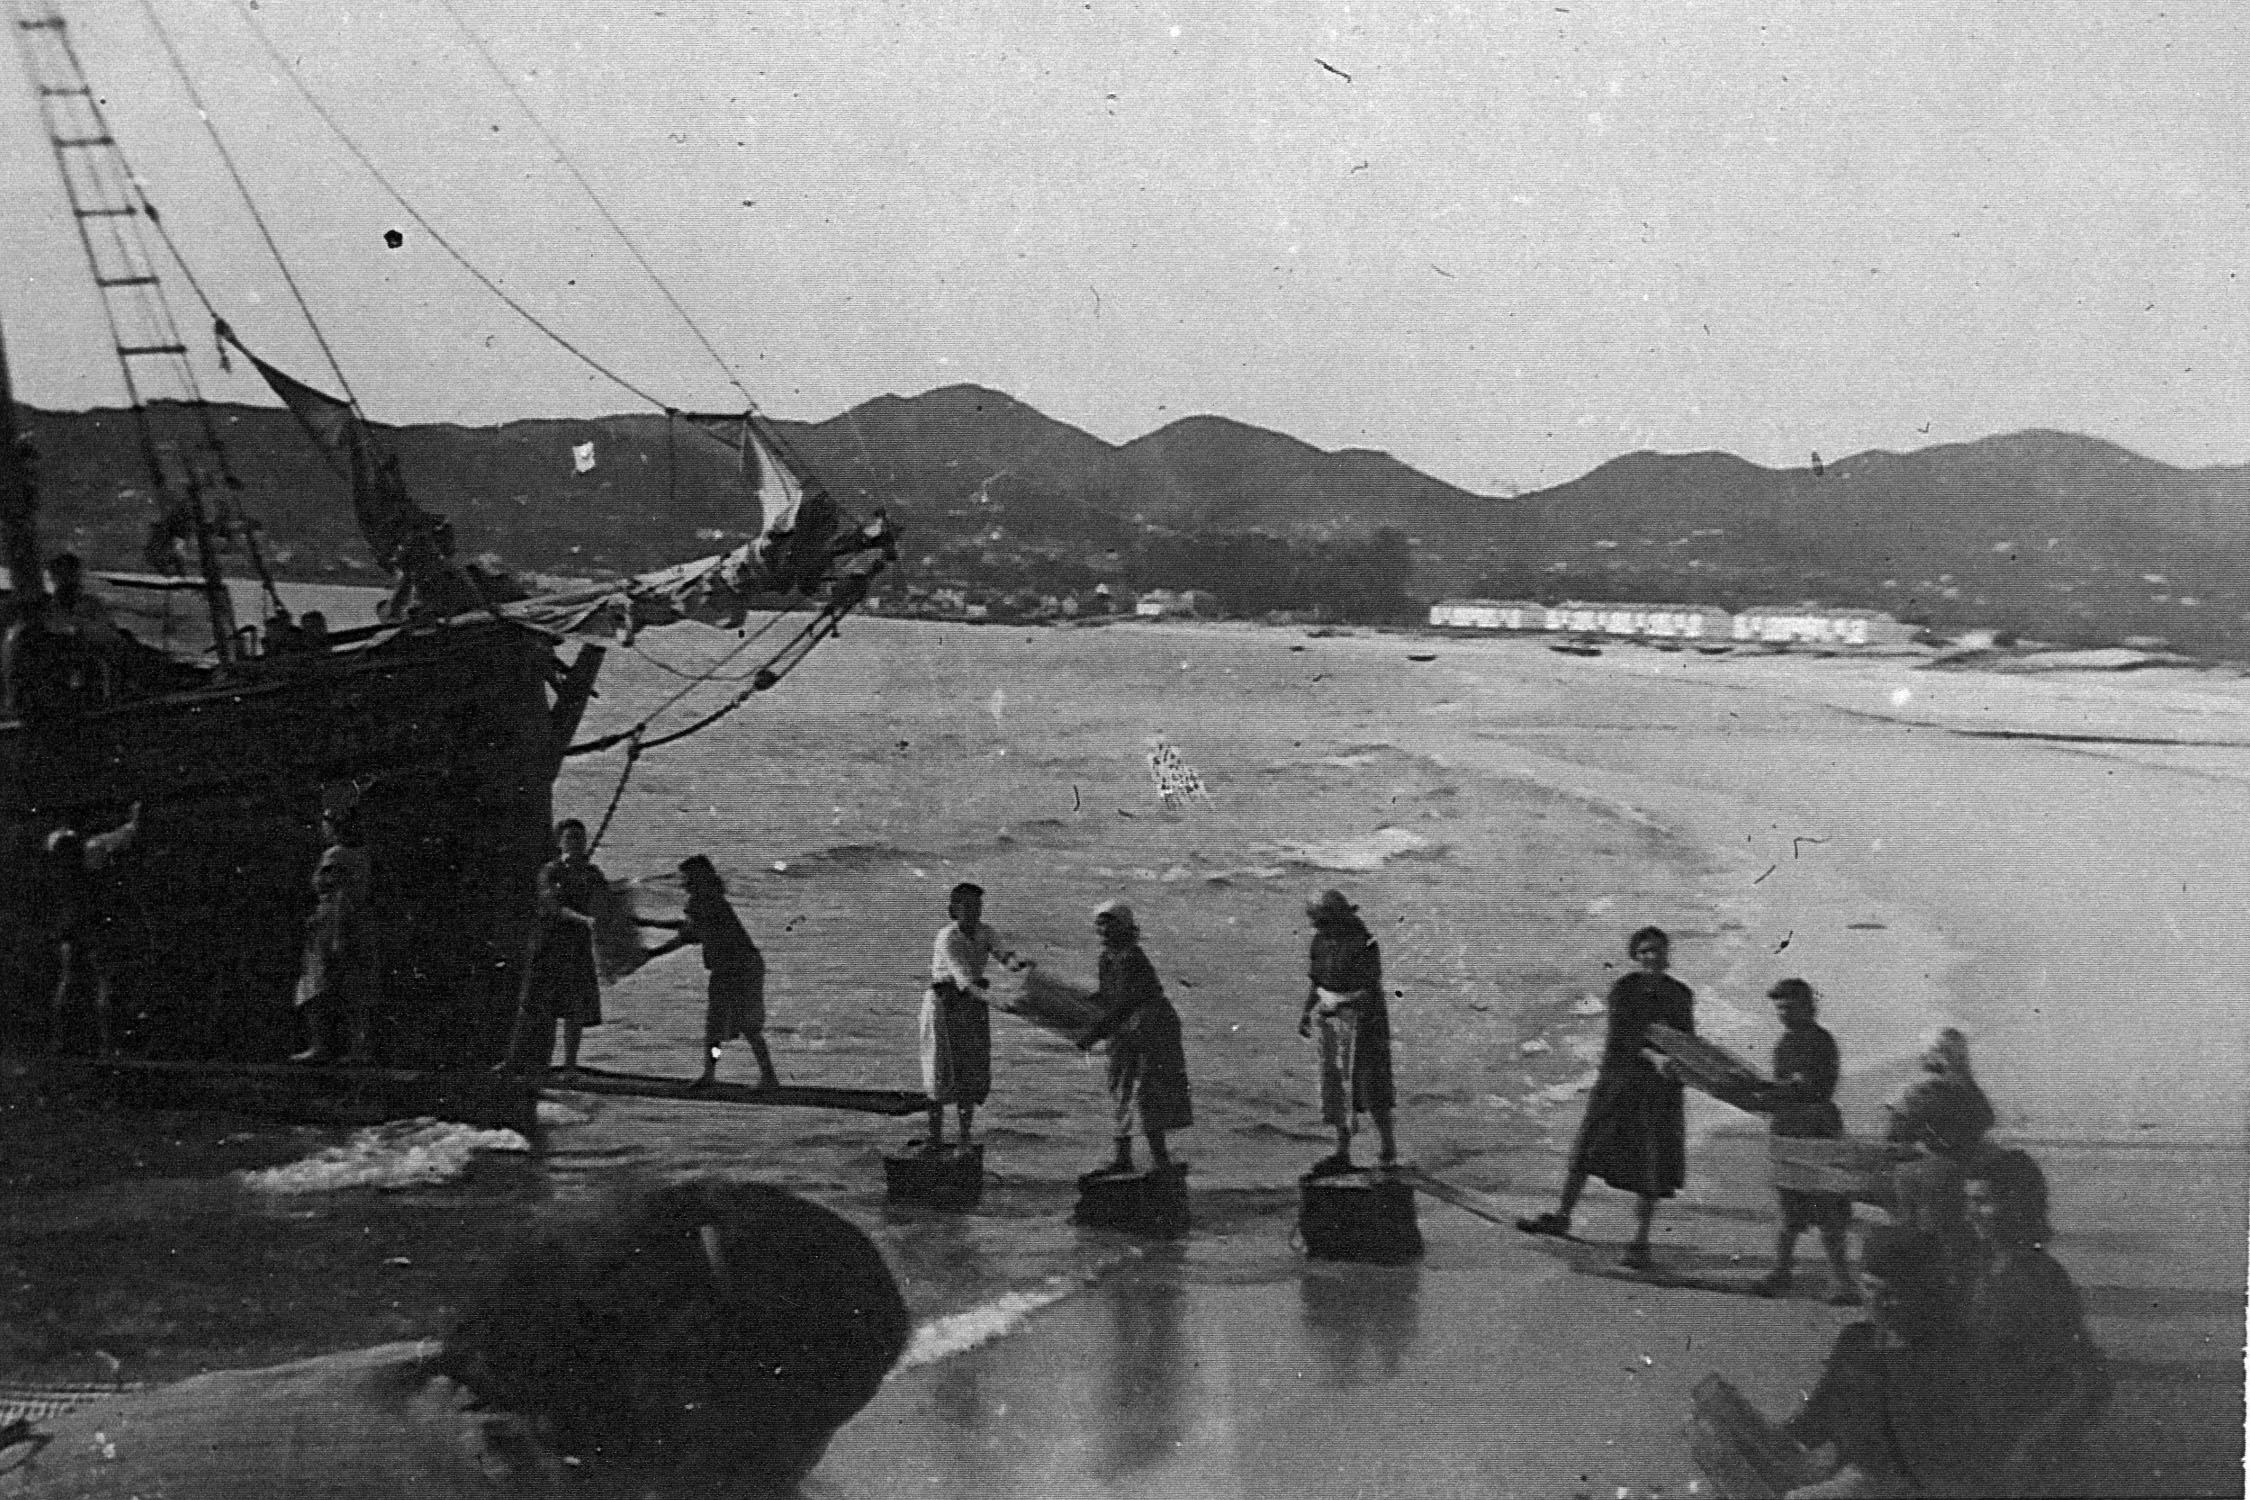 Descarga na fábrica da Garita-Cangas 1950